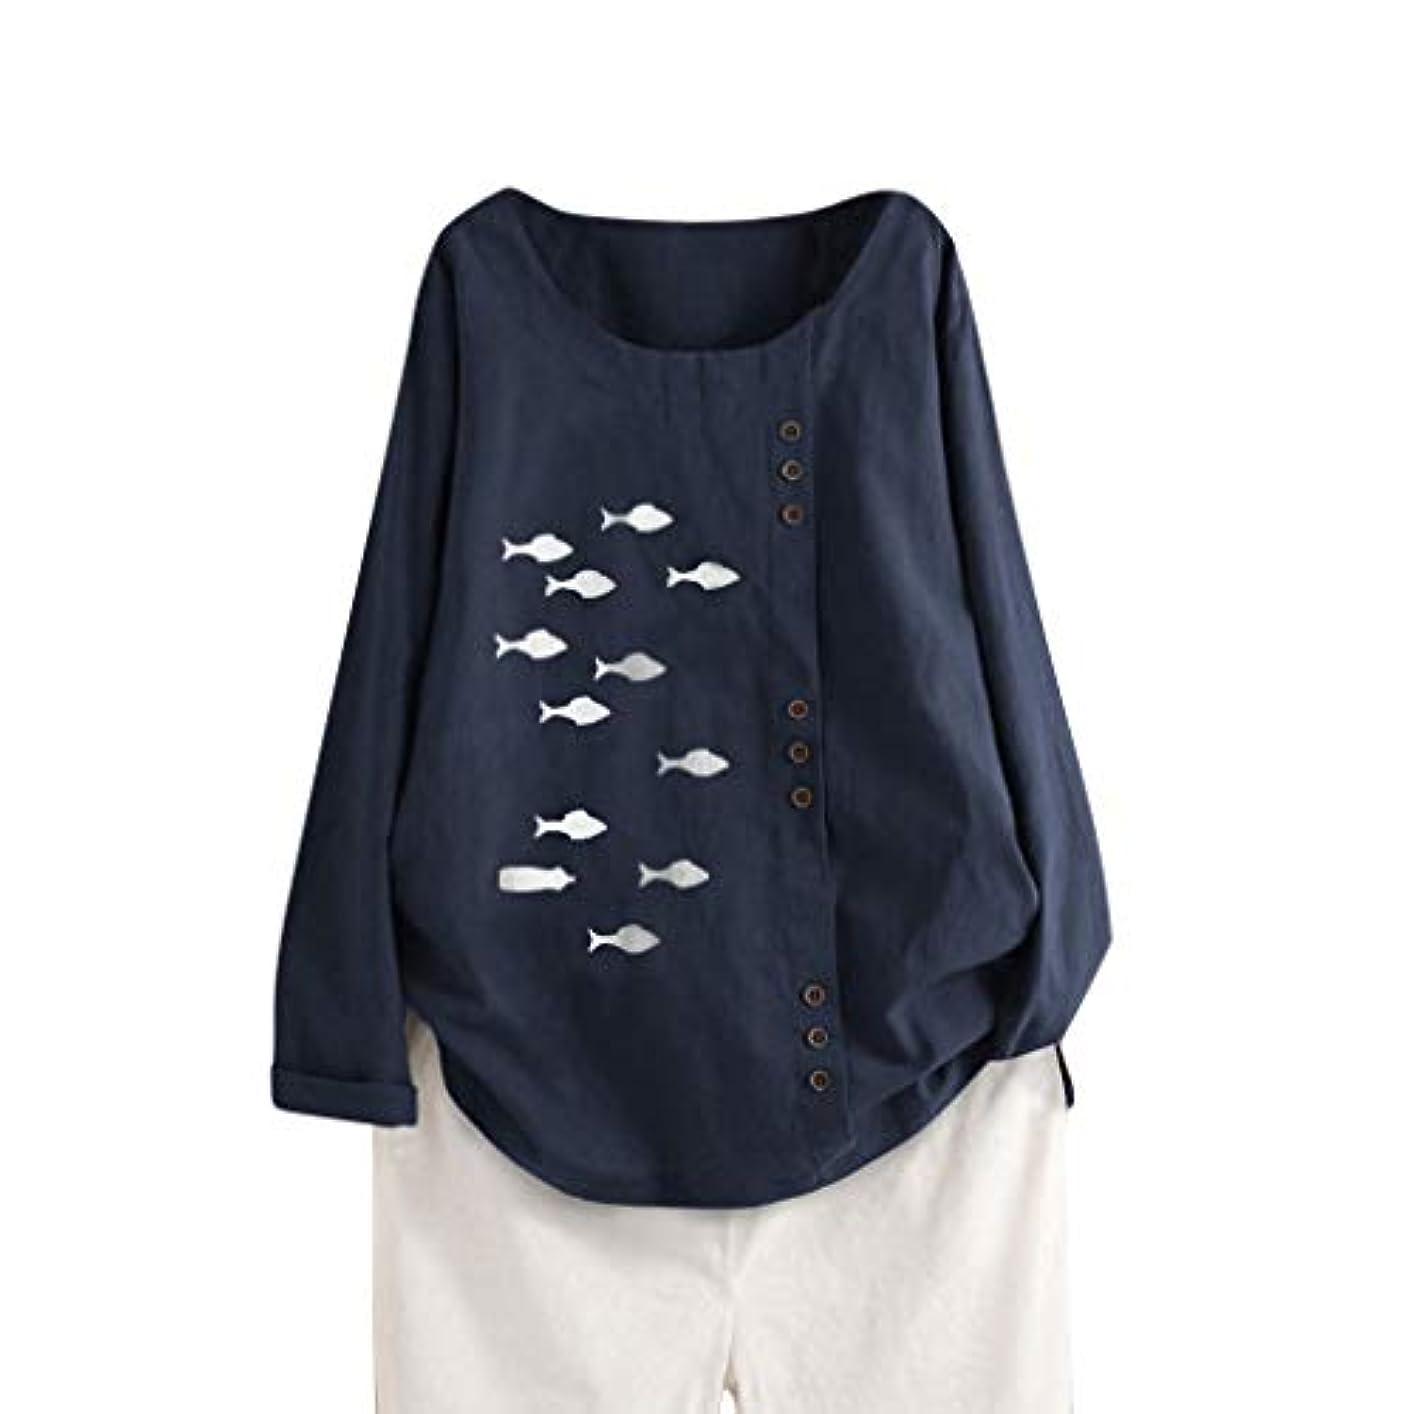 二週間不安定なメールを書くAguleaph レディース Tシャツ おおきいサイズ 長袖 コットンとリネン 魚のパターン トップス 学生 洋服 お出かけ ワイシャツ 流行り ブラウス 快適な 軽い 柔らかい かっこいい カジュアル シンプル オシャレ...